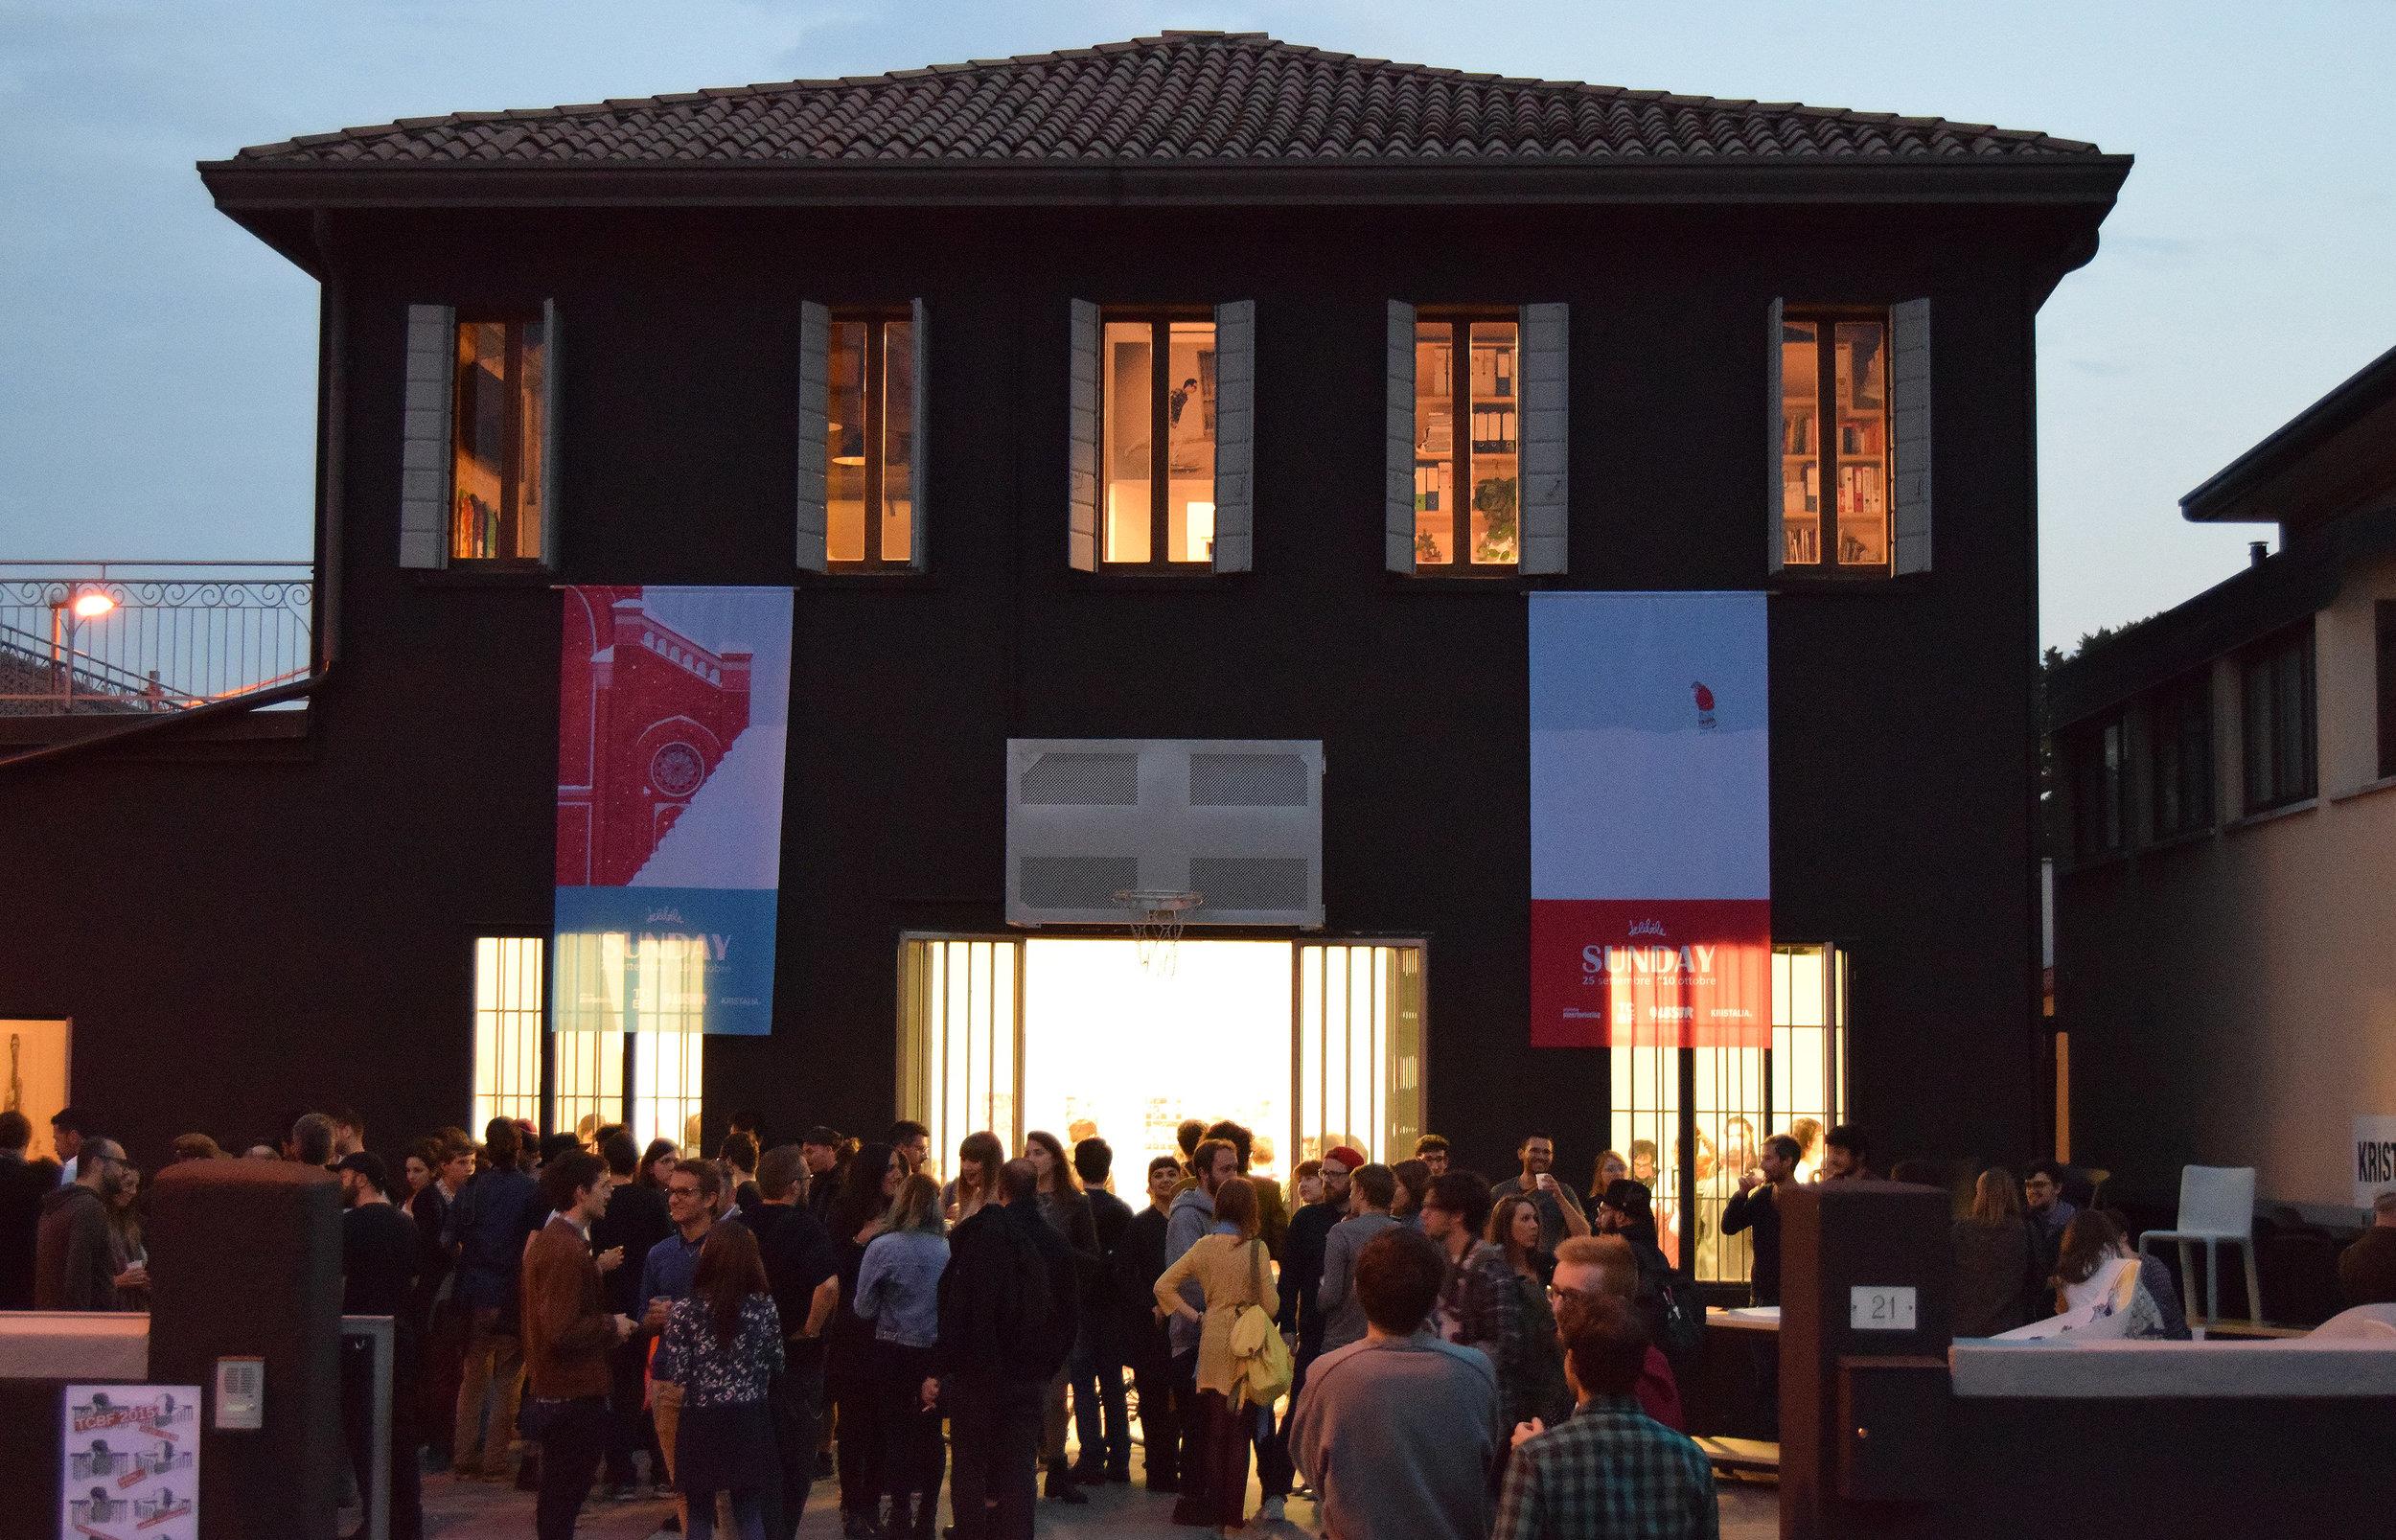 特雷維索漫畫節TCBF( Treviso Comic Book Festival)